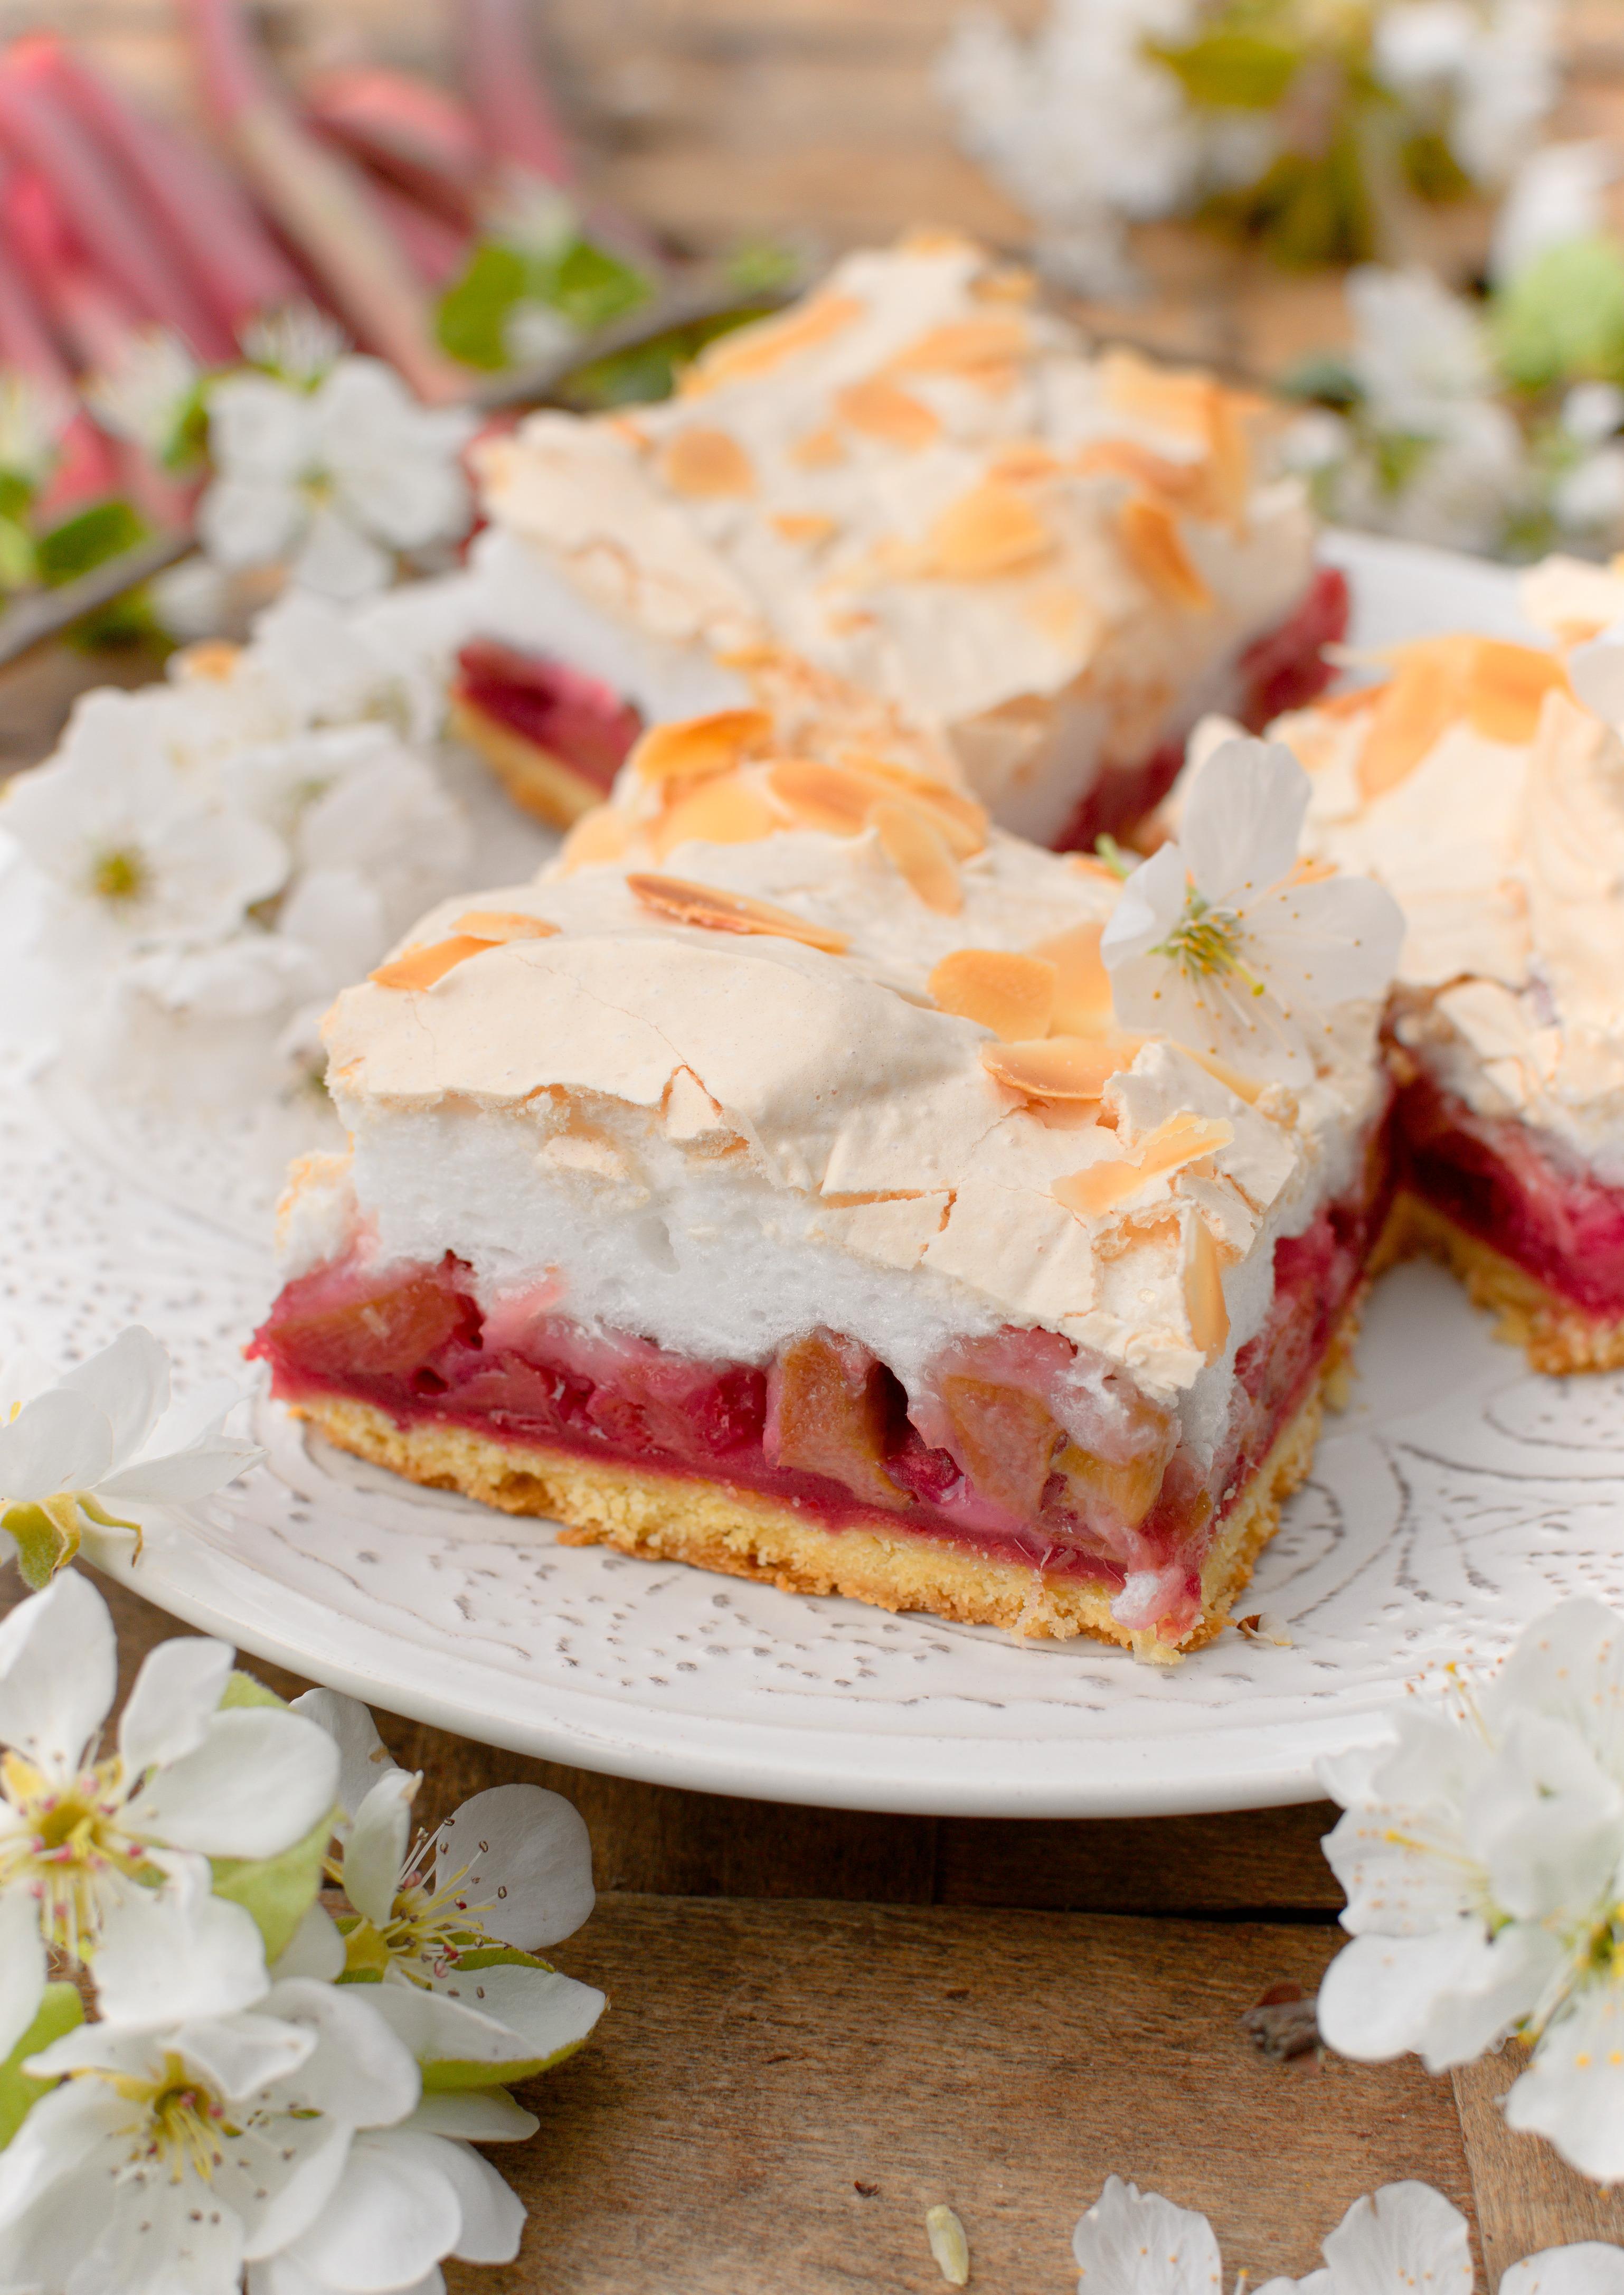 Kruche ciasto z rabarbarem, malinami i bezą